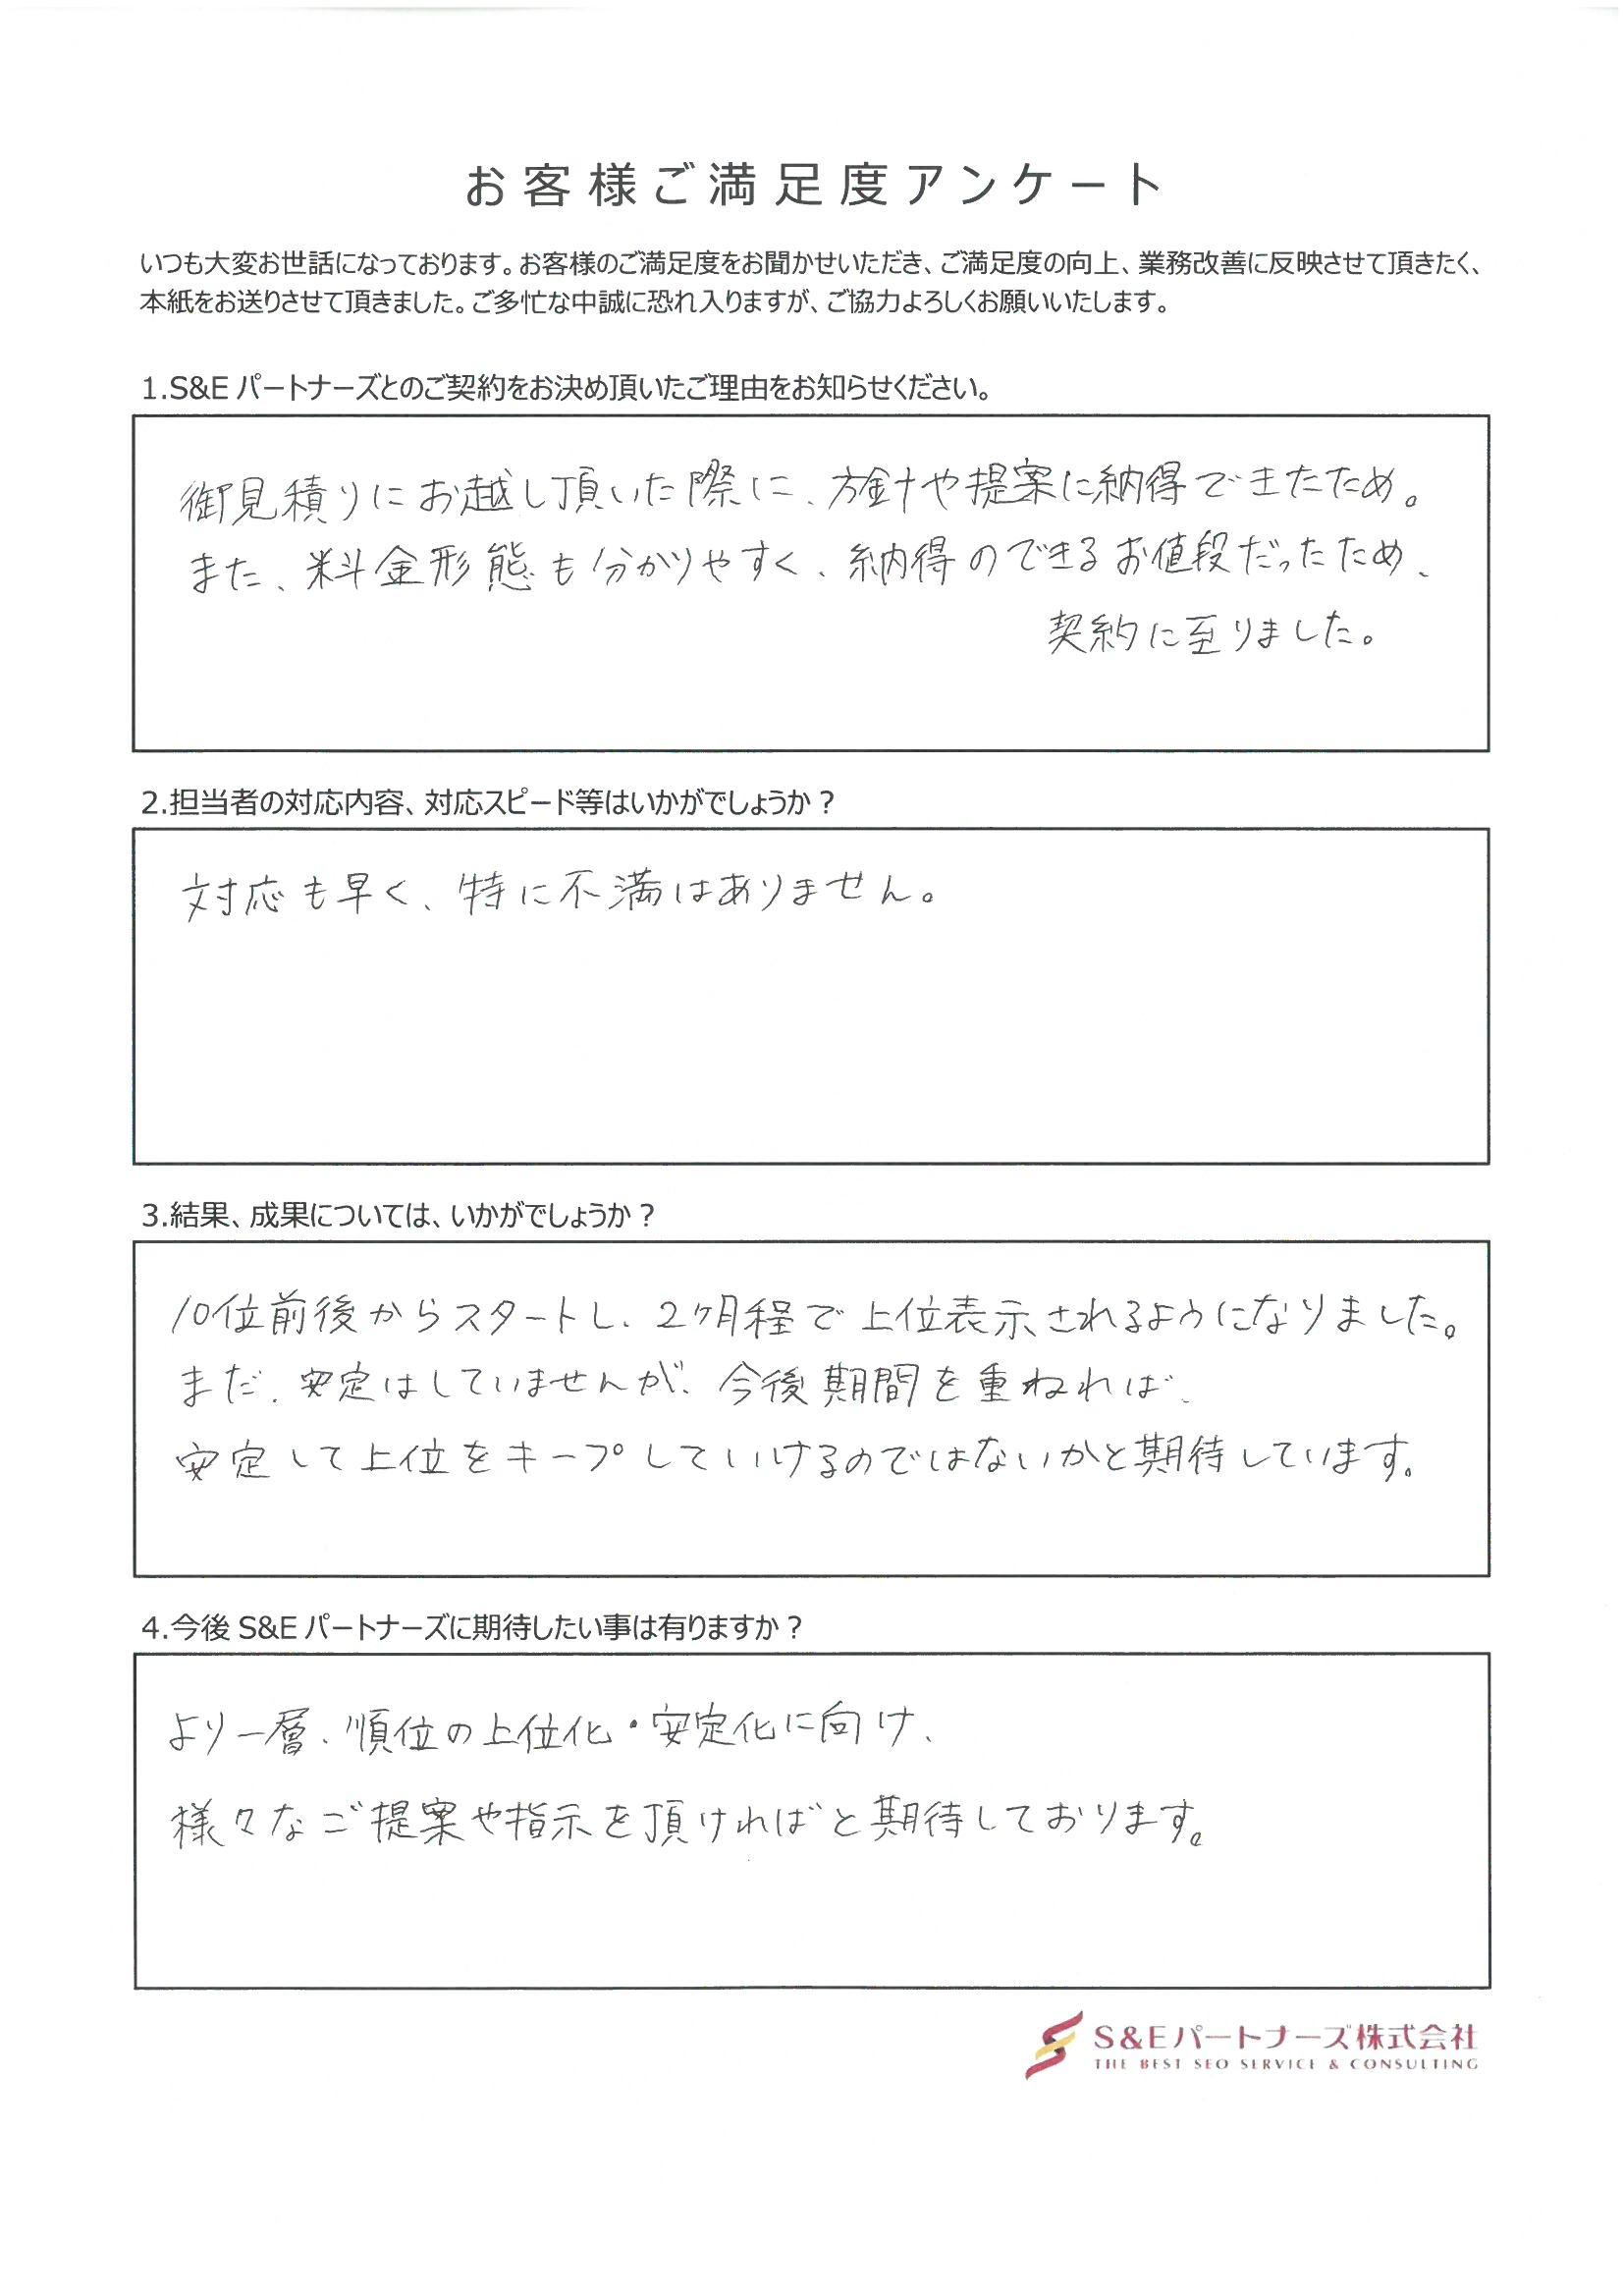 大阪のエアコン買取会社様